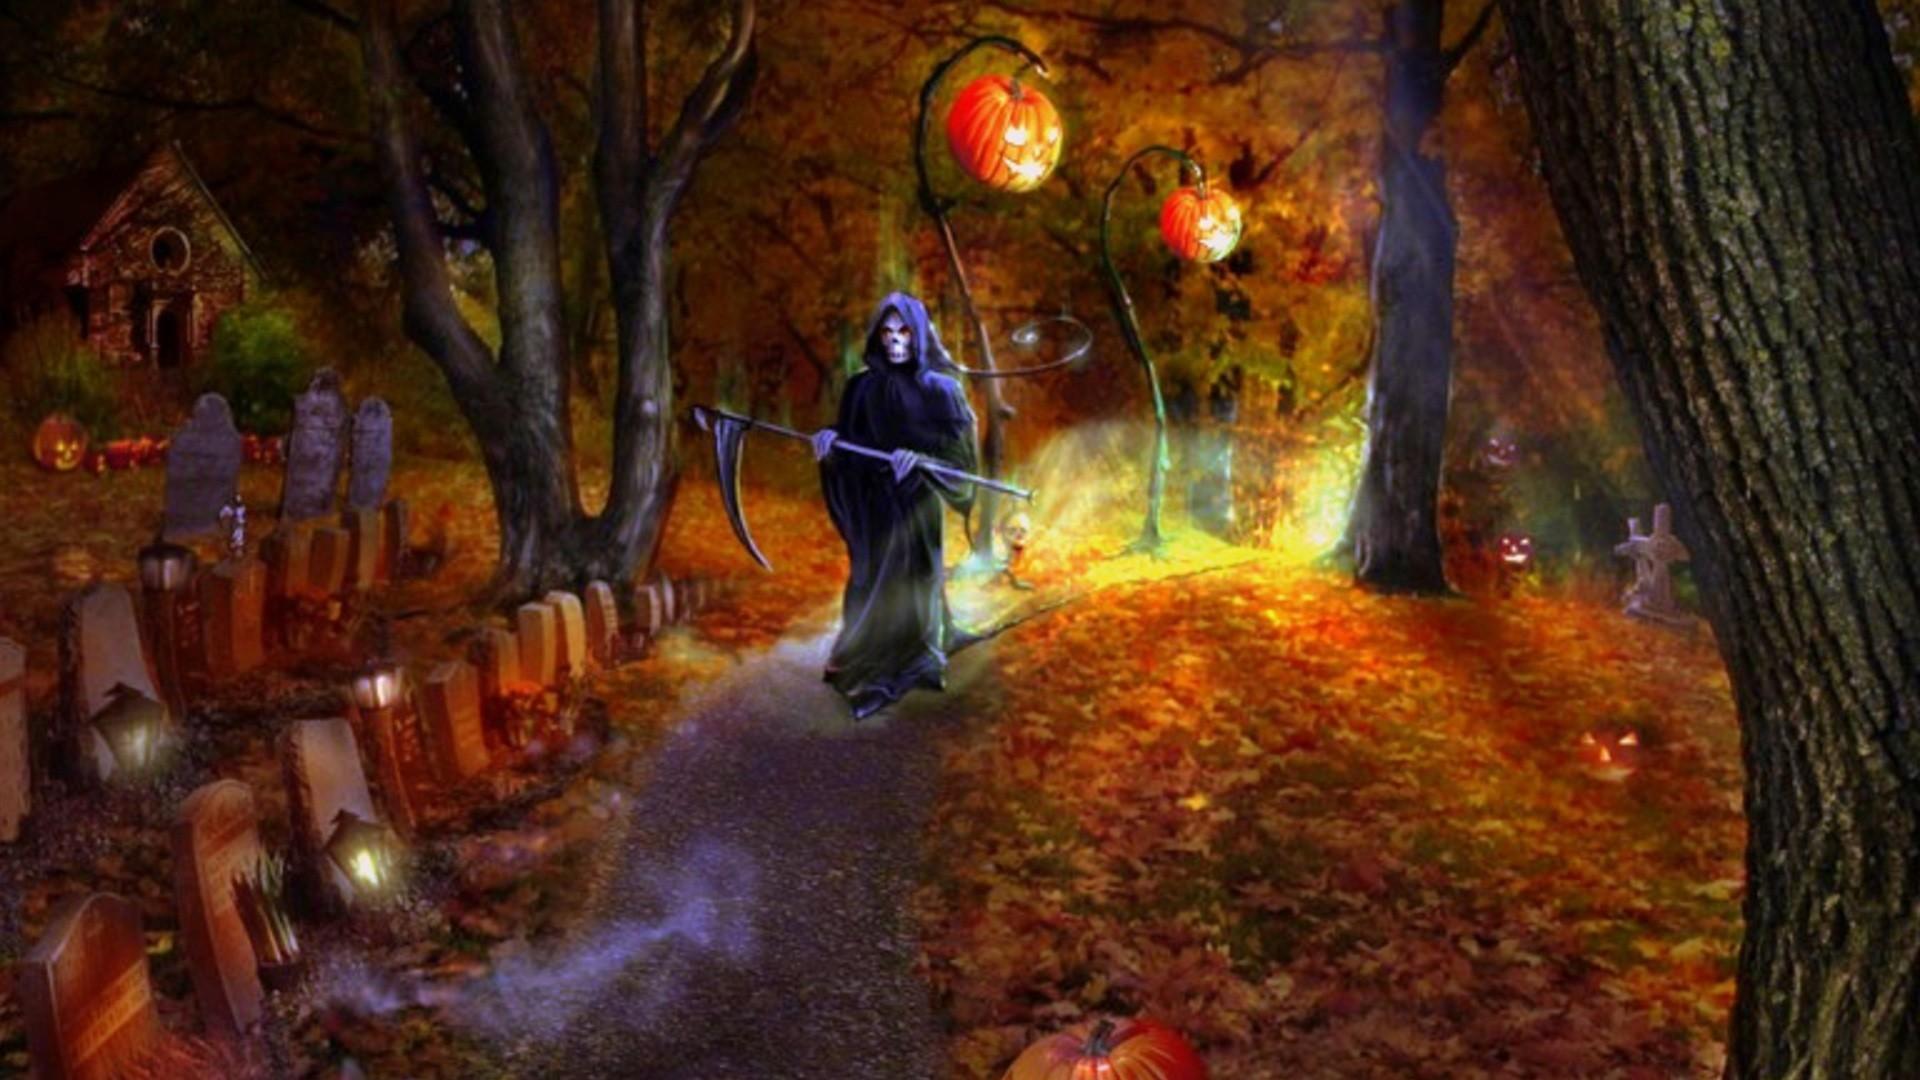 yahoo halloween wallpaper | Halloween Wallpapers 71, Free Wallpapers, Free Desktop  Wallpapers, HD